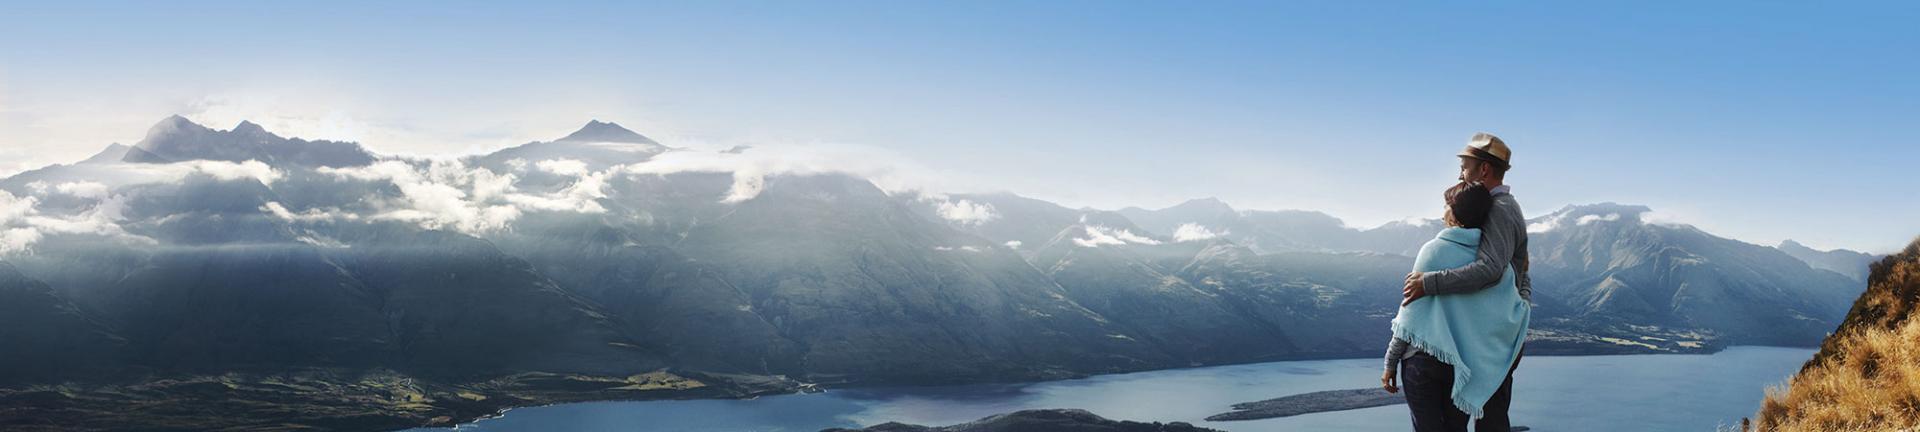 Couple overlooking Lake Wanaka in New Zealand